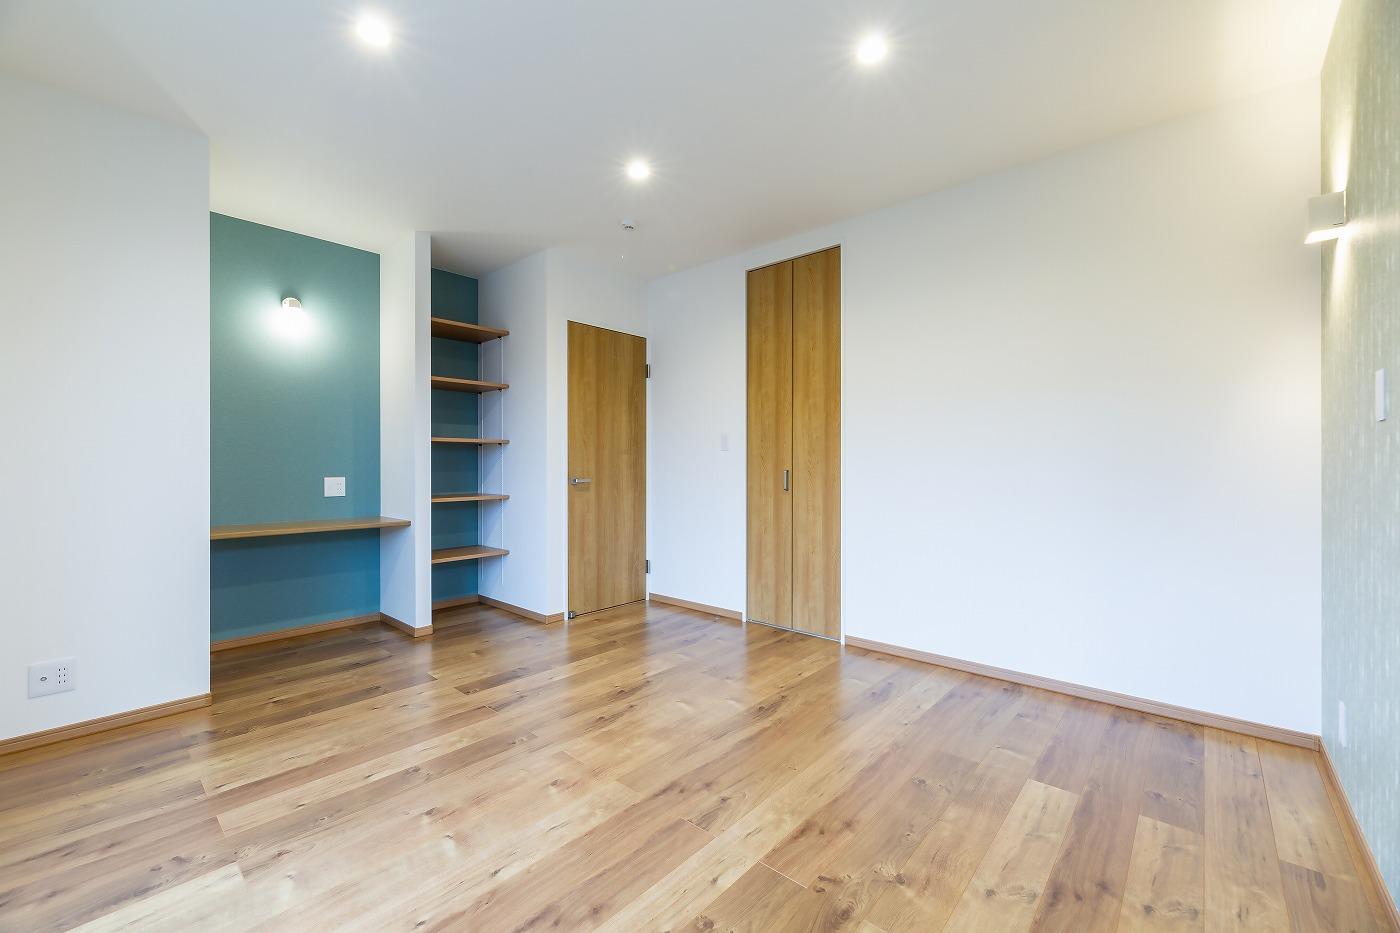 高松市松縄町の新築分譲住宅の寝室